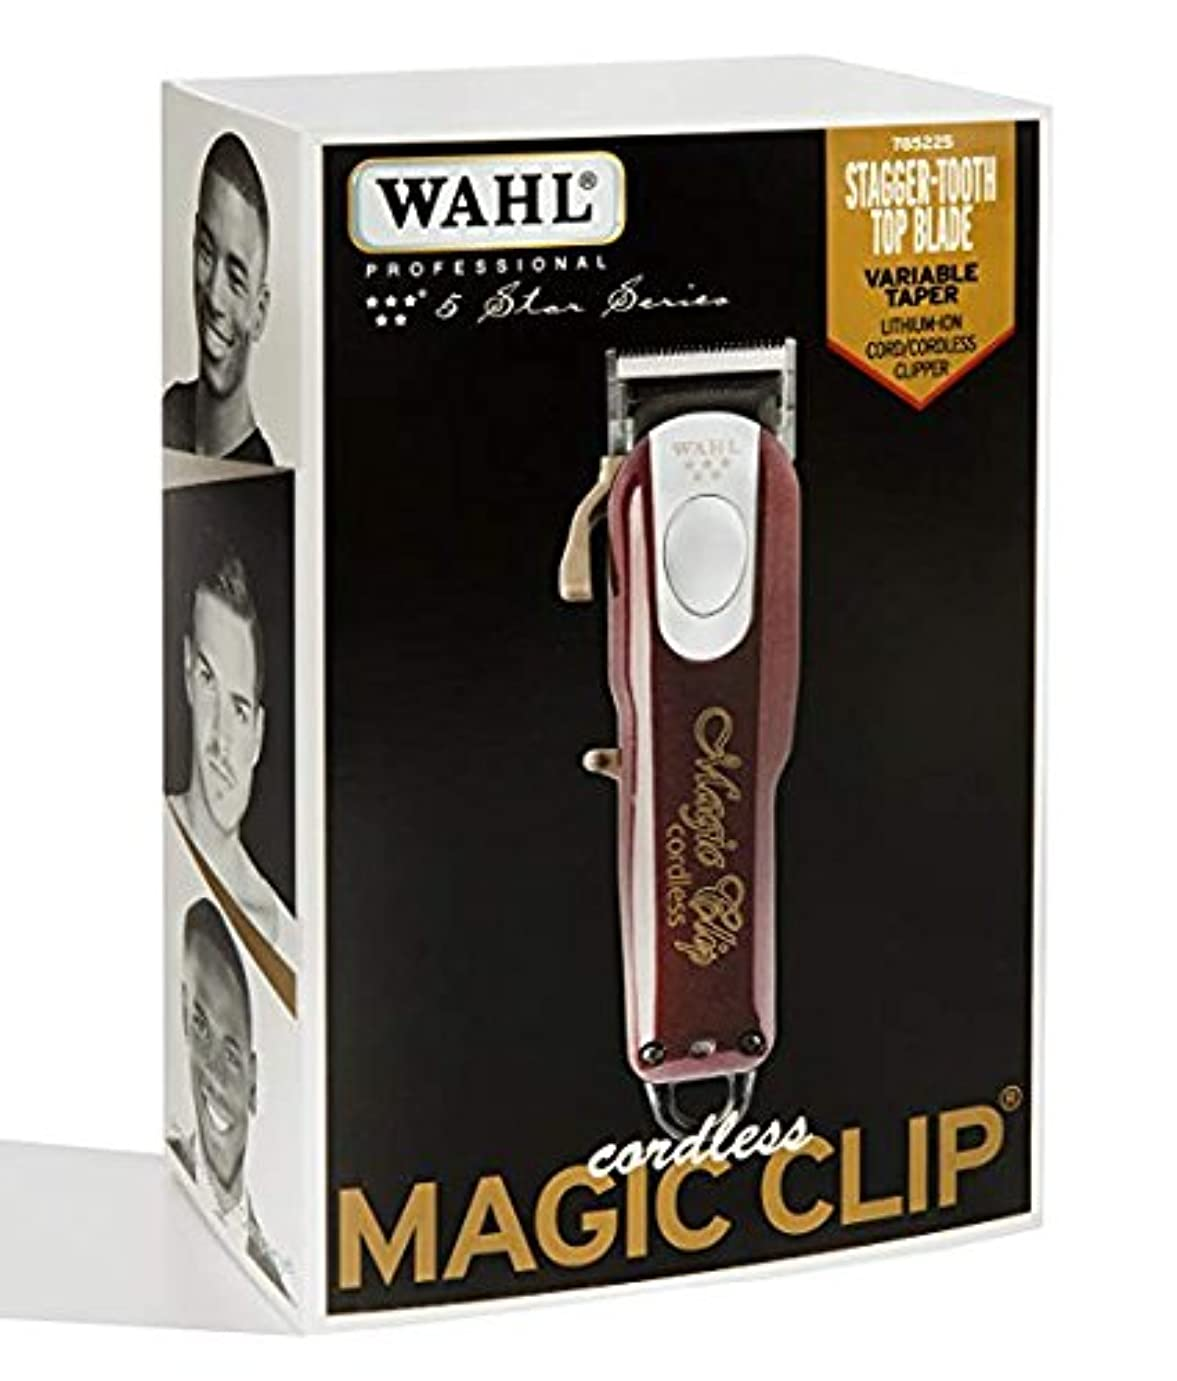 植物のマッサージどきどき[Wahl] [すばらしいです 専用 理髪店とスタイリスト - 90分以上の実行時間 / Professional 5-Star Cord/Cordless Magic Clip #8148] (並行輸入品)